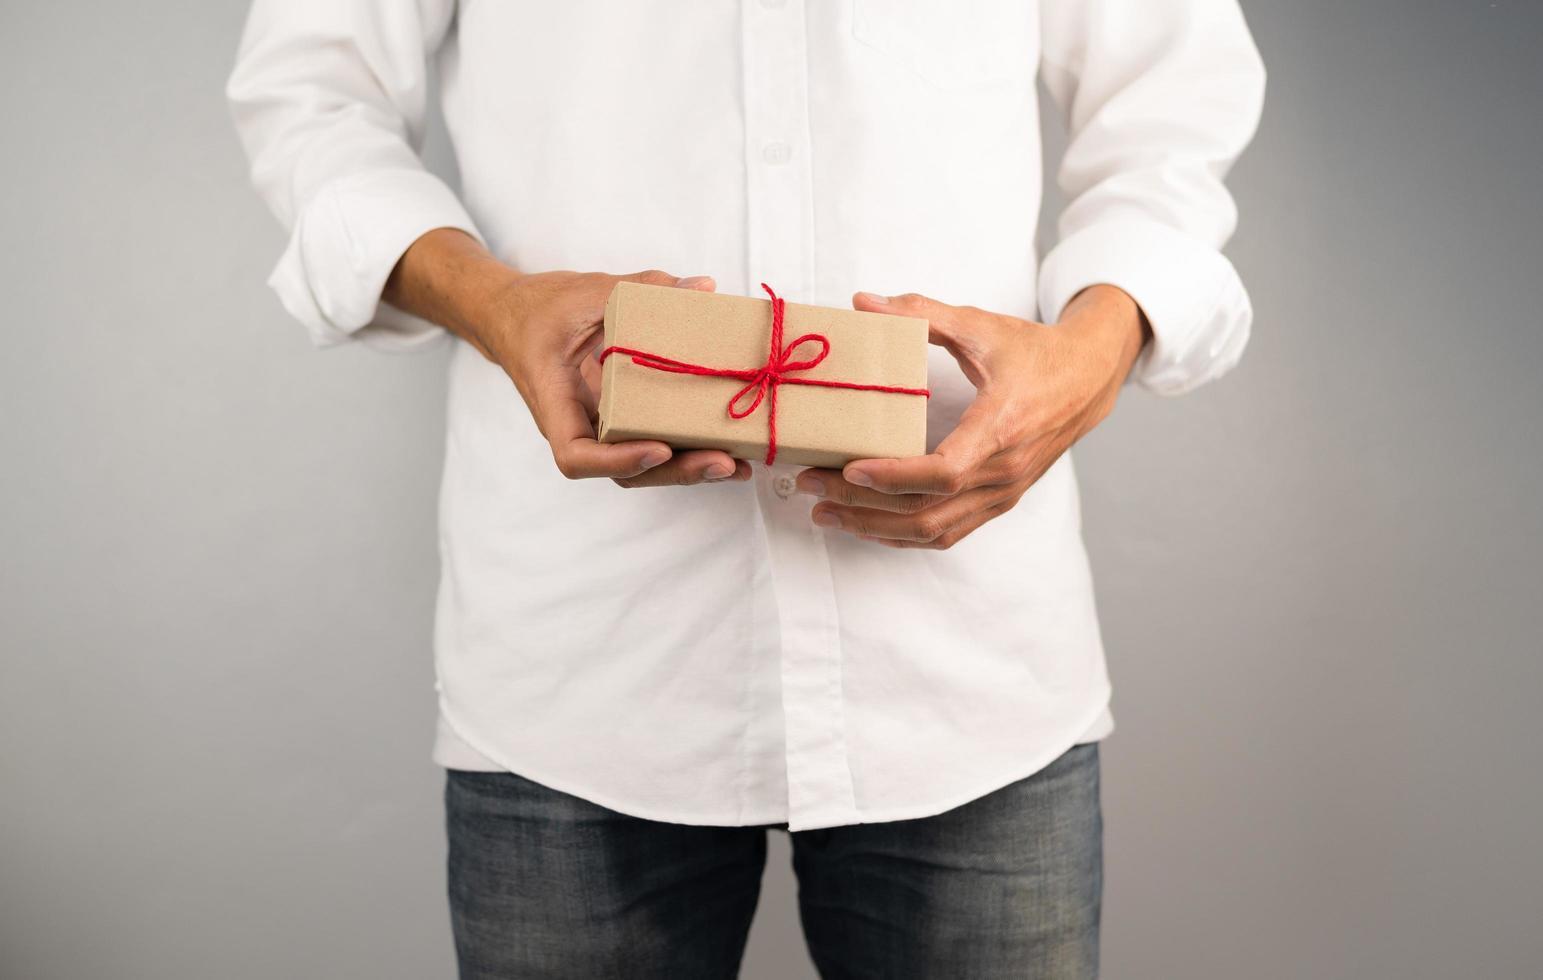 confezione regalo con mano, confezione regalo di Capodanno, confezione regalo di Natale, spazio per le copie. natale, anno hew, concetto di compleanno. foto